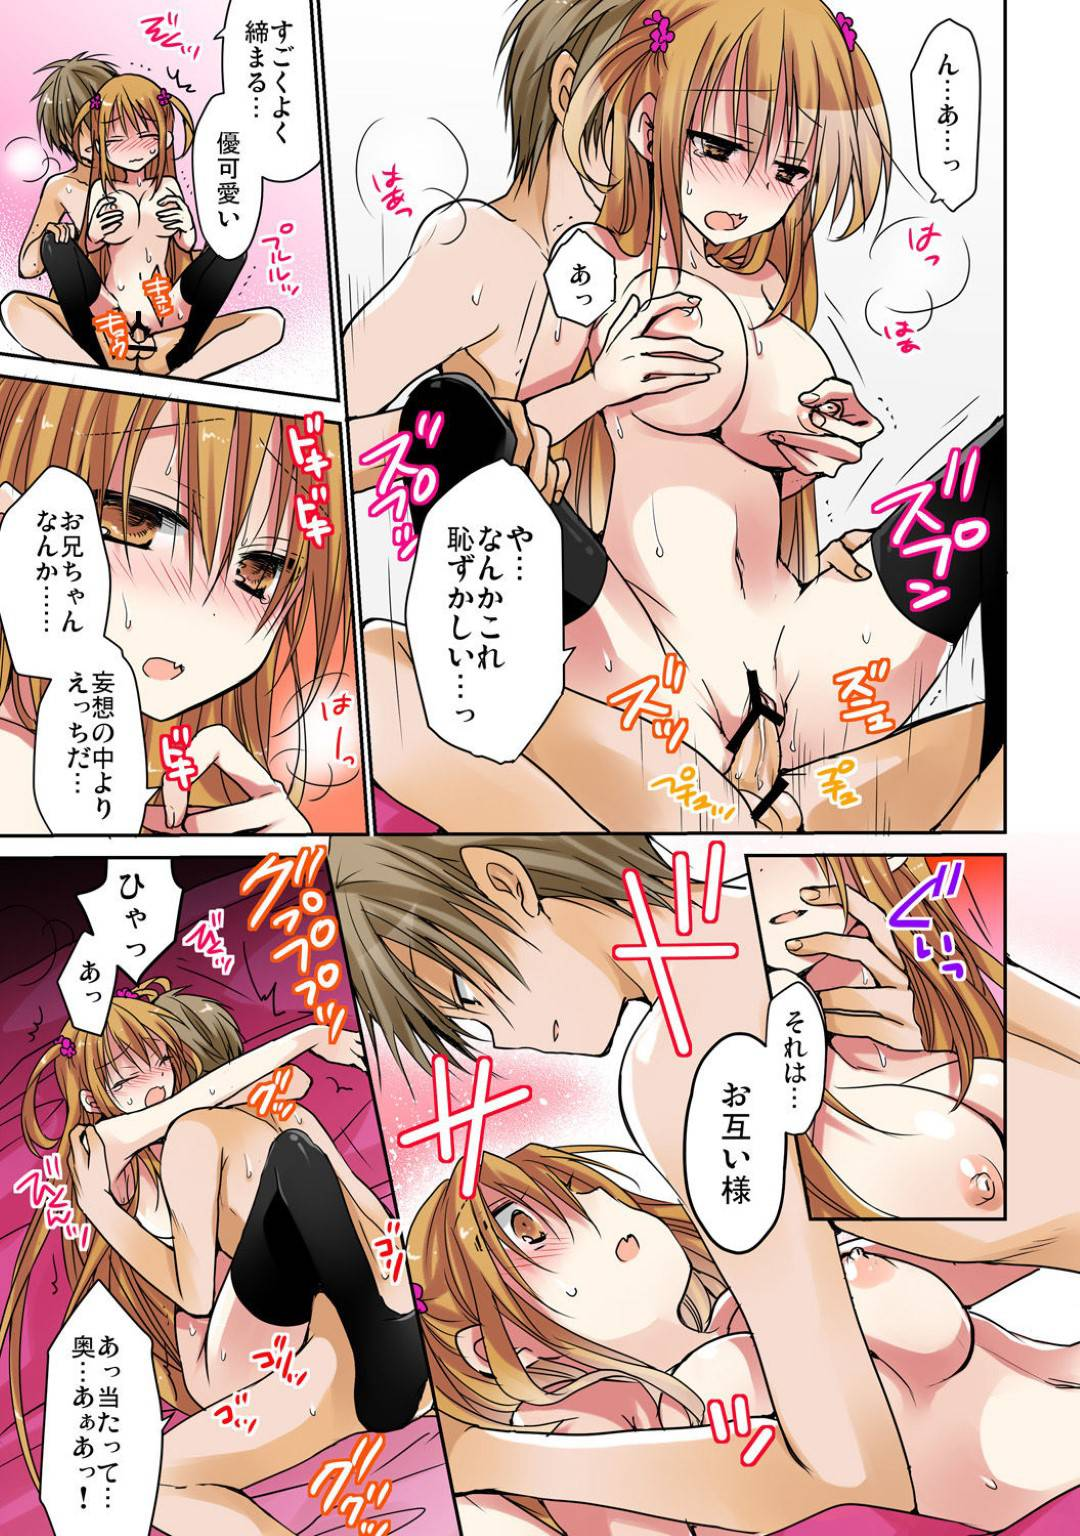 【エロ漫画】兄を彼女から寝取った妹は本当は記憶をなくしてなかった兄と両想いのイチャラブ連続生ハメセックスして仲直り